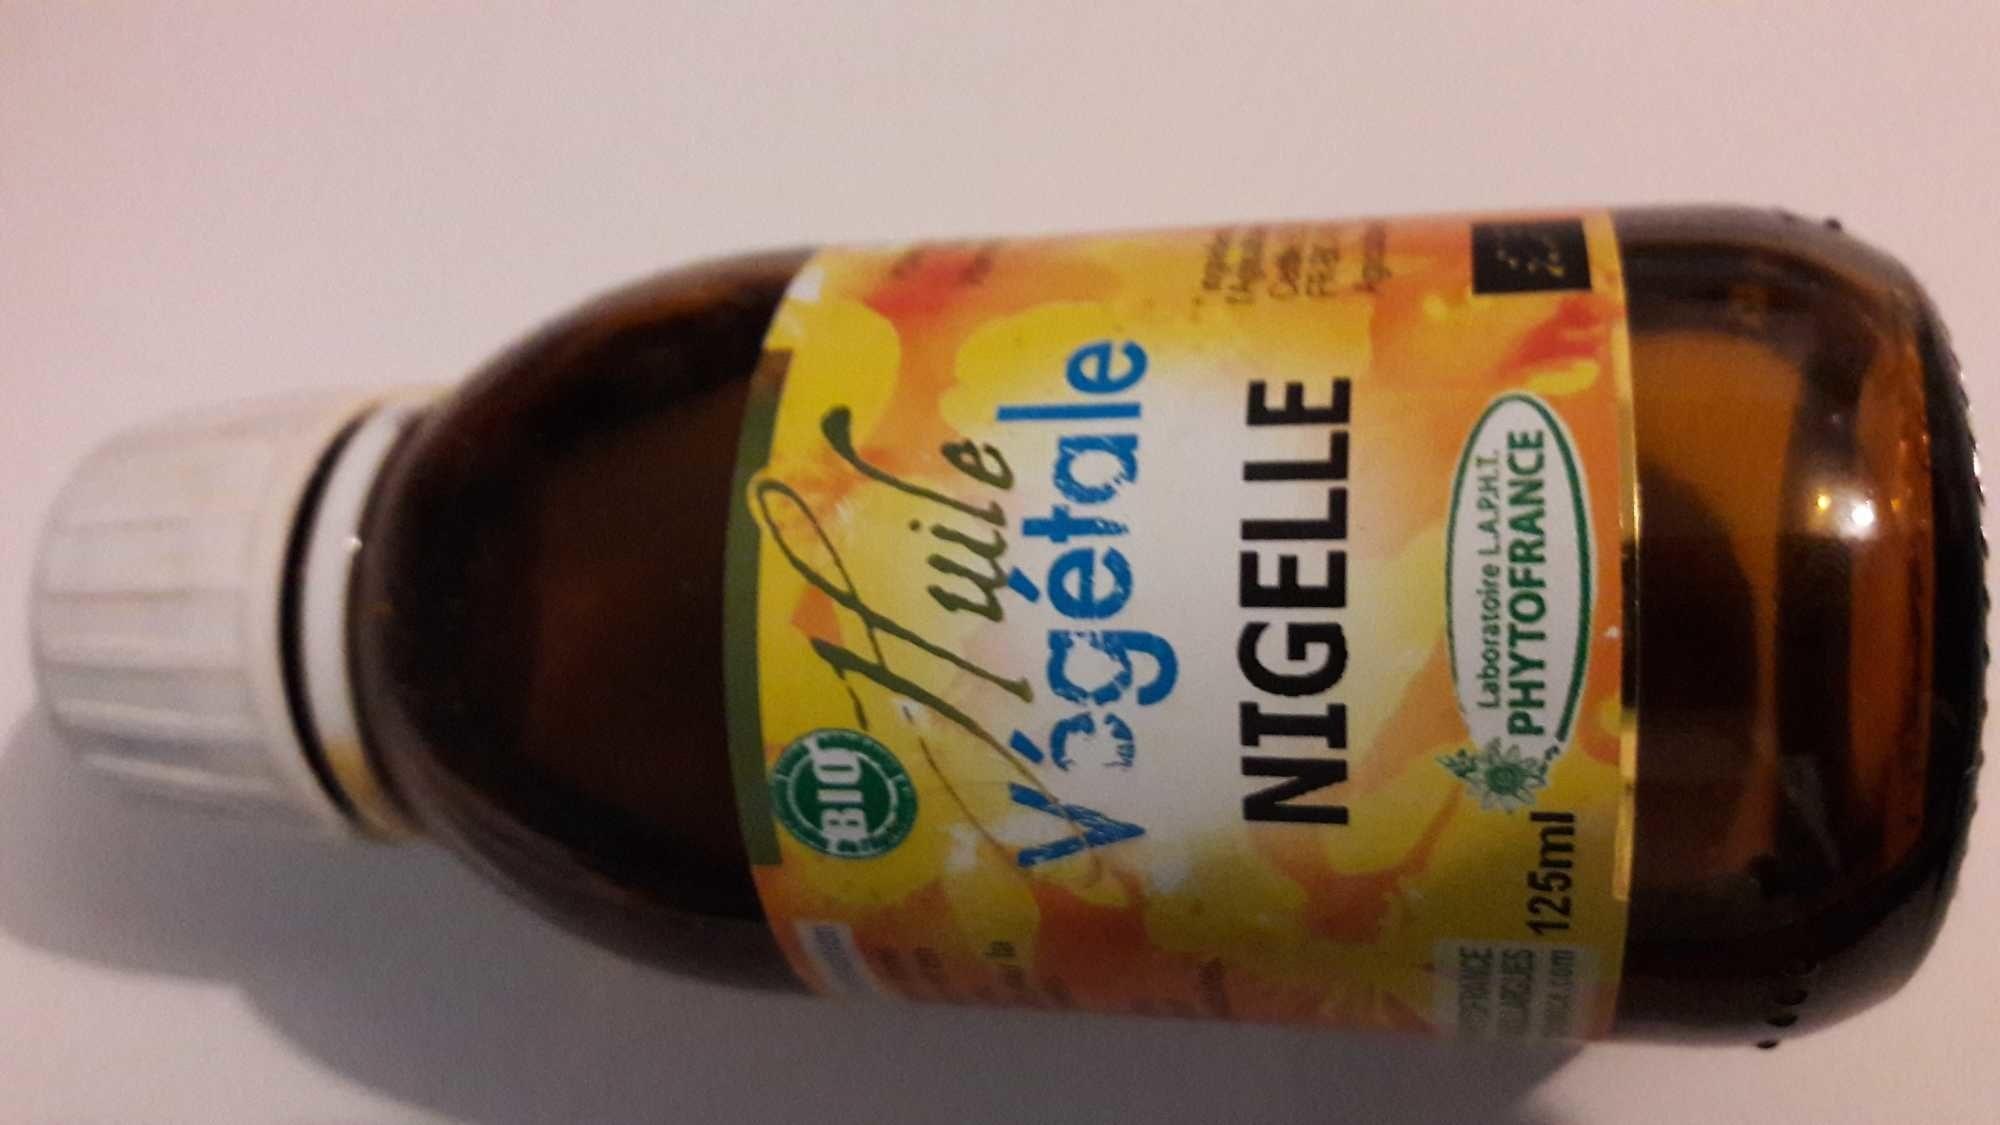 Huile végétale de nigelle - Produit - fr